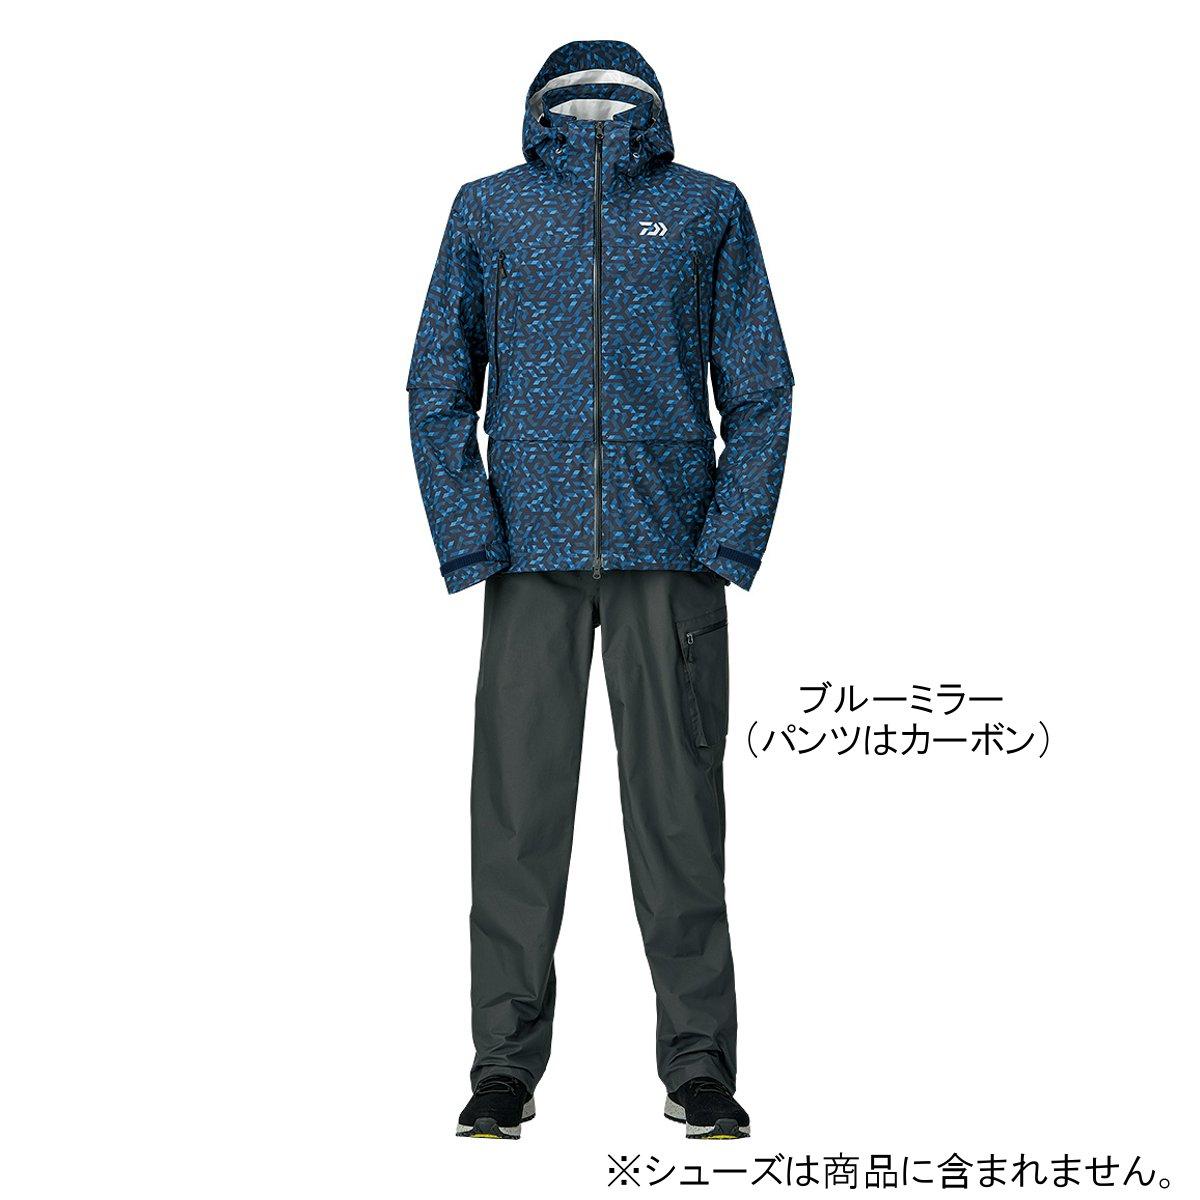 ダイワ レインマックス デタッチャブルレインスーツ DR-30009 M ブルーミラー【送料無料】